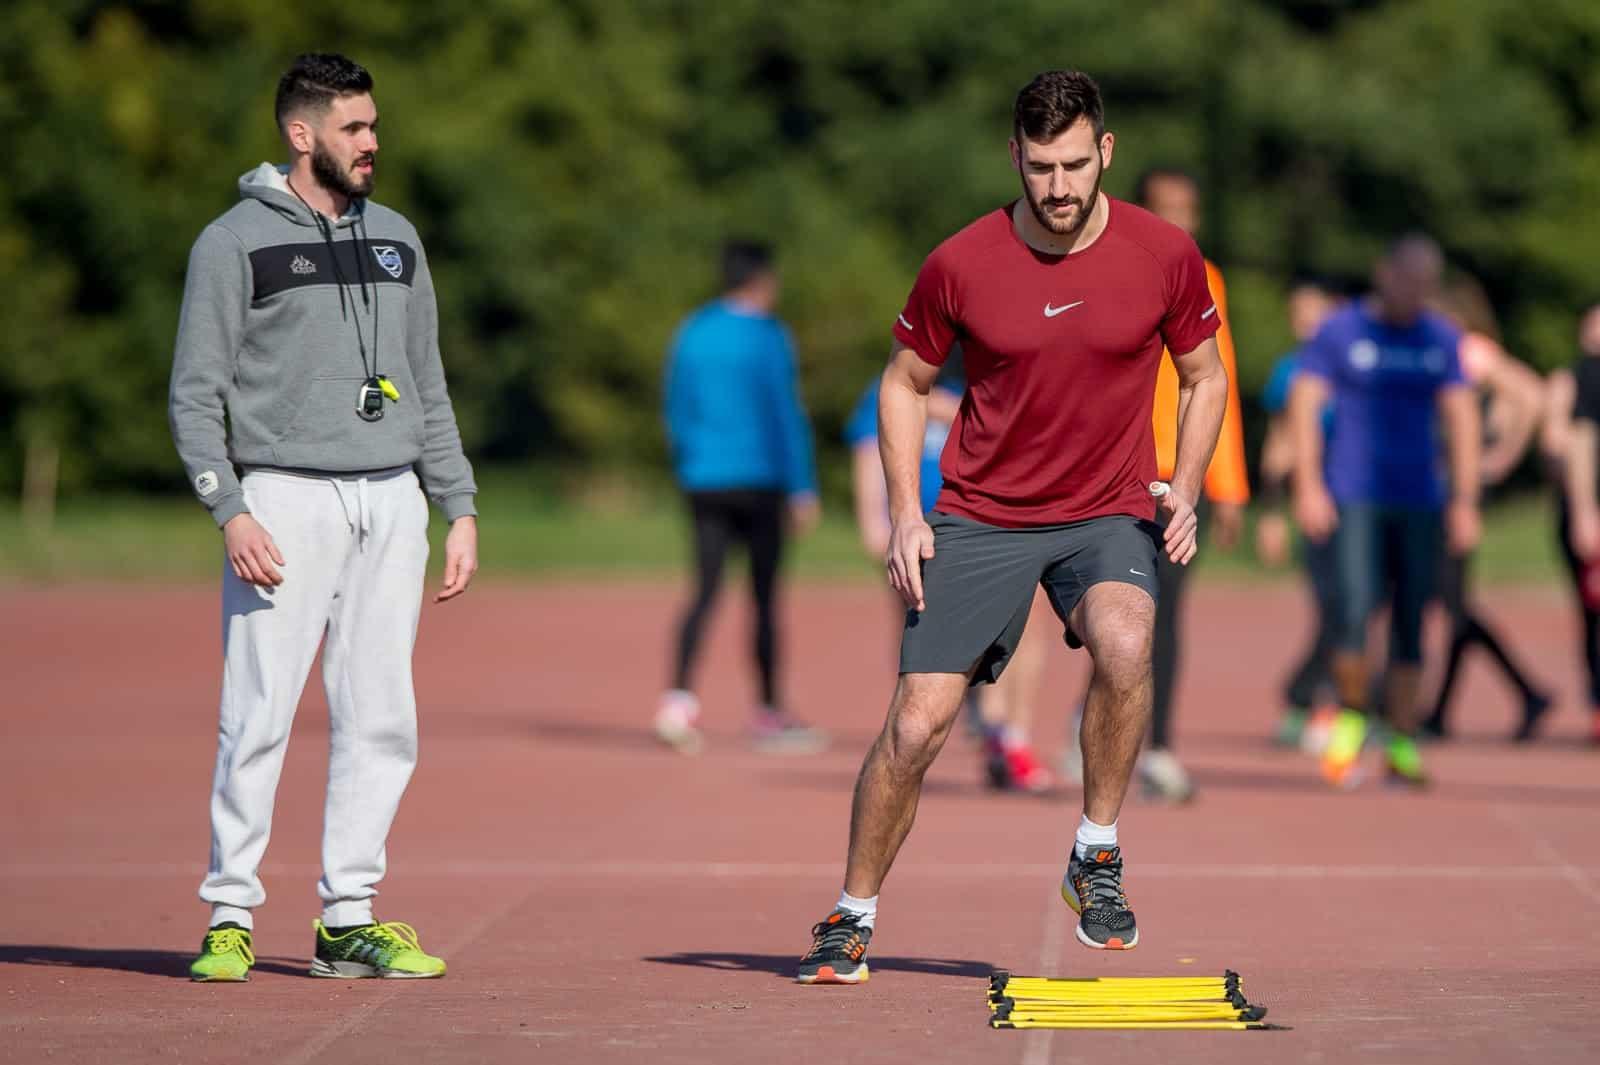 Coach sportif Lyon - Roro et Justin